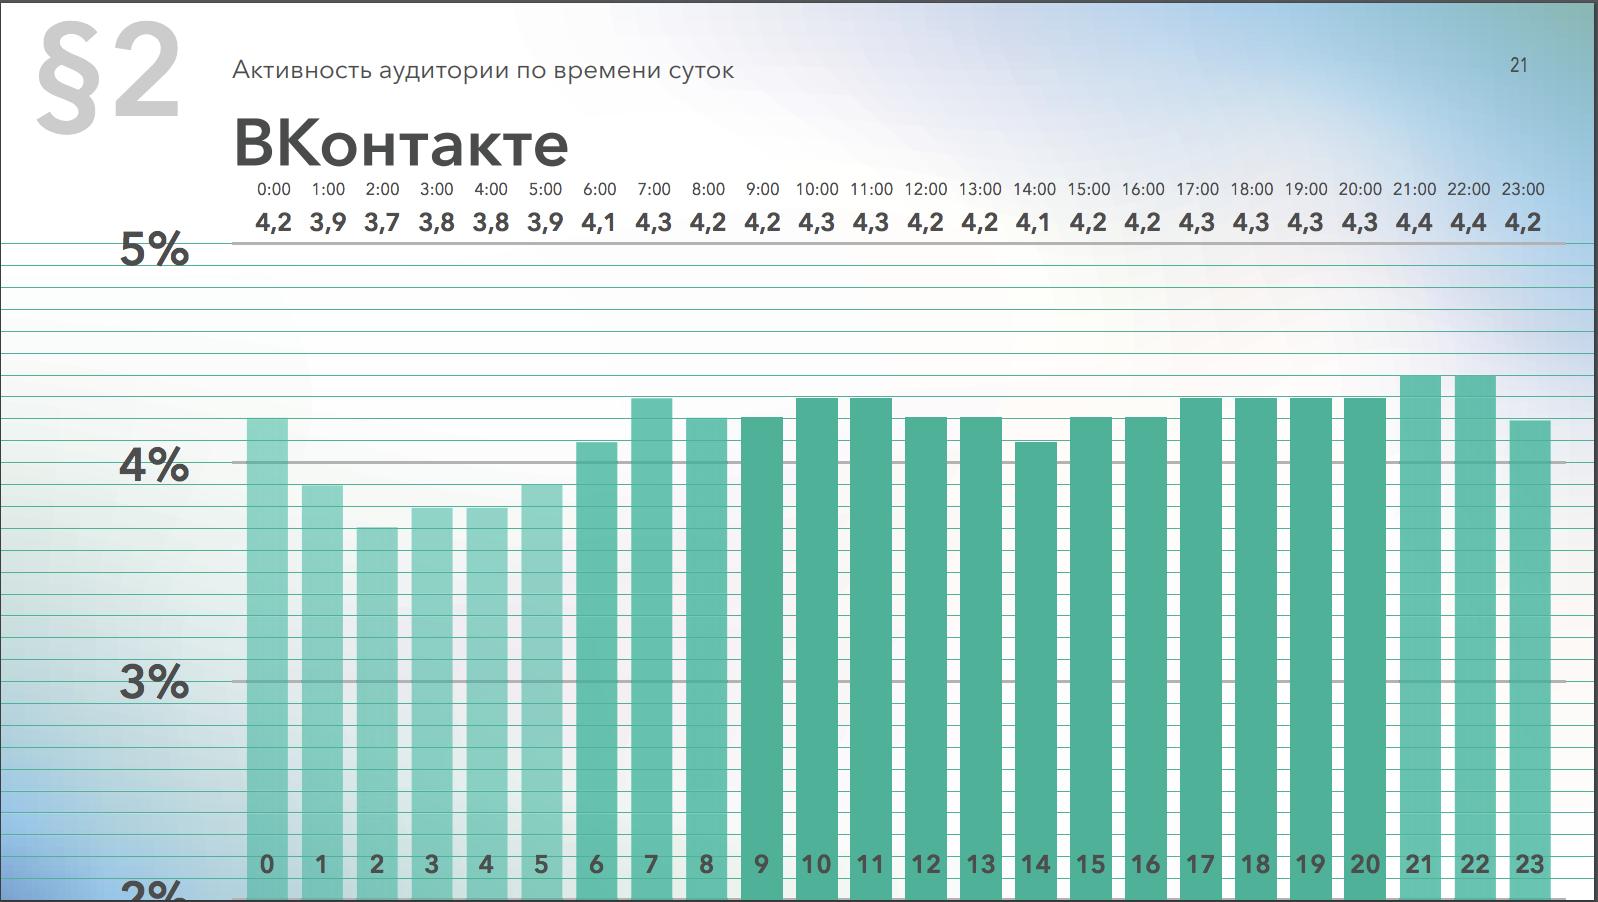 Активность аудитории ВКонтакте по времени суток